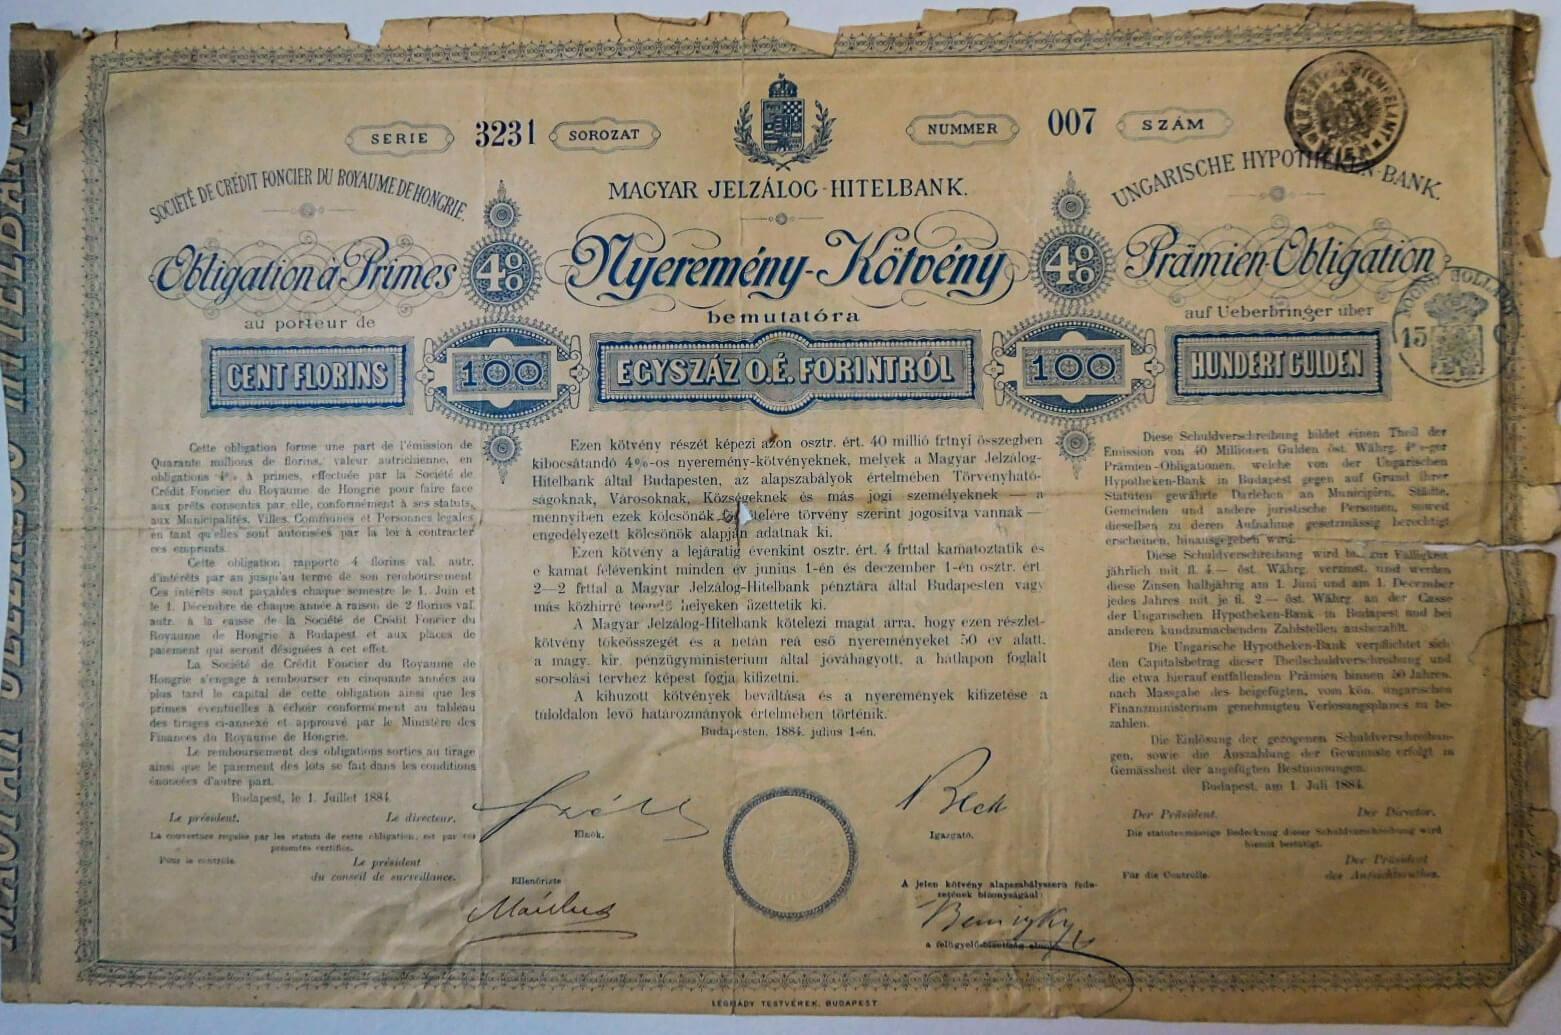 Magyar Jelzálog Hitelbank Nyeremény kötvény 1884